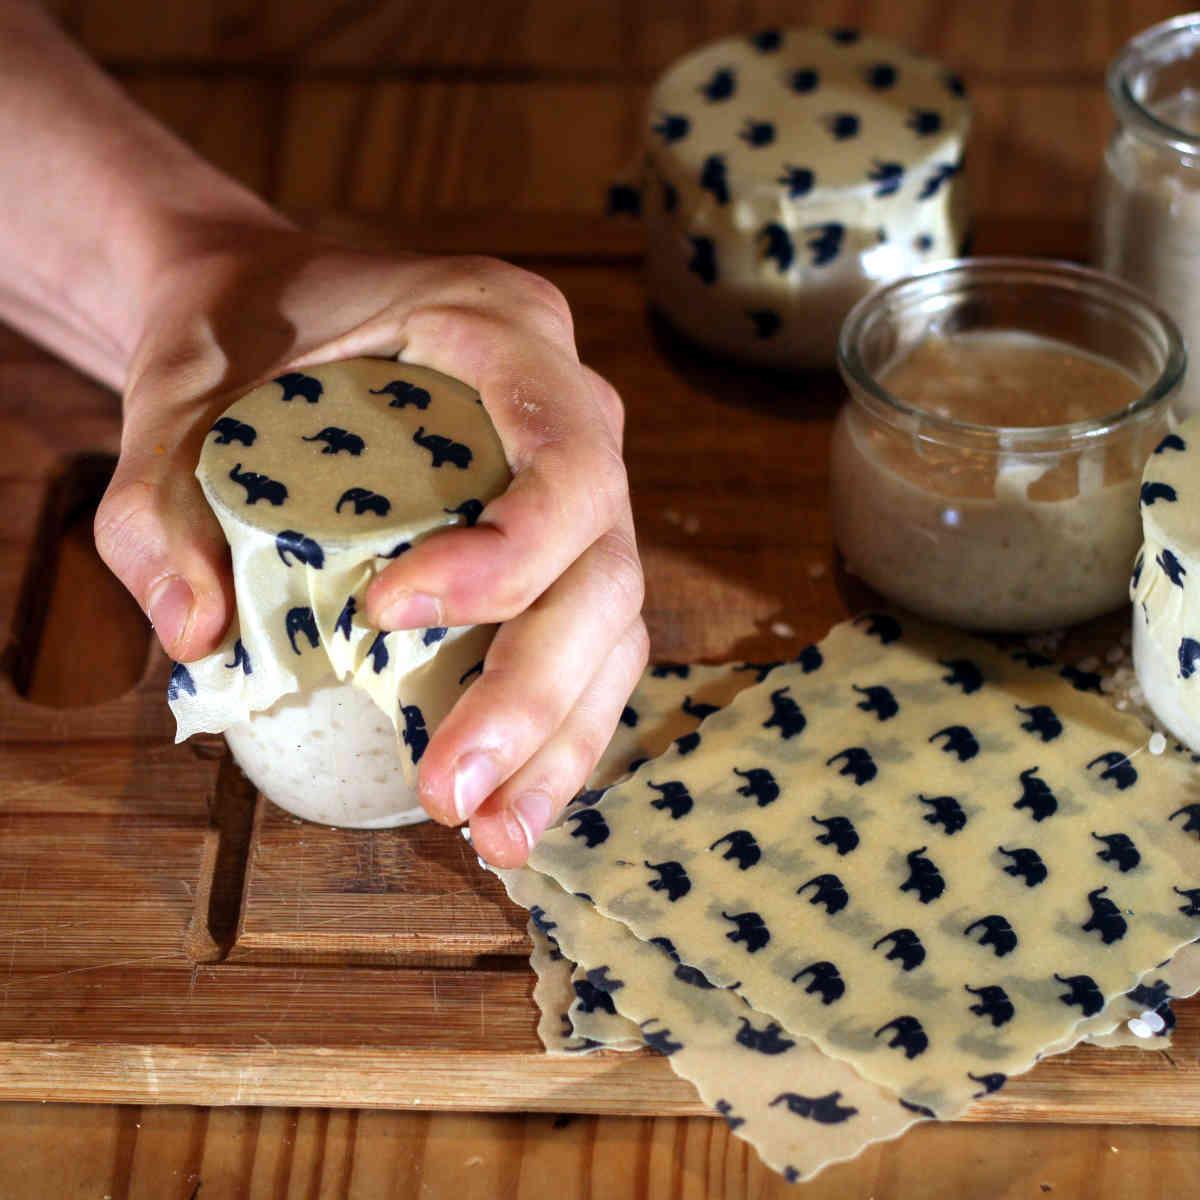 Couvrir un pot de yaourt avec un beewrap - étape 2 : couvrir le bord